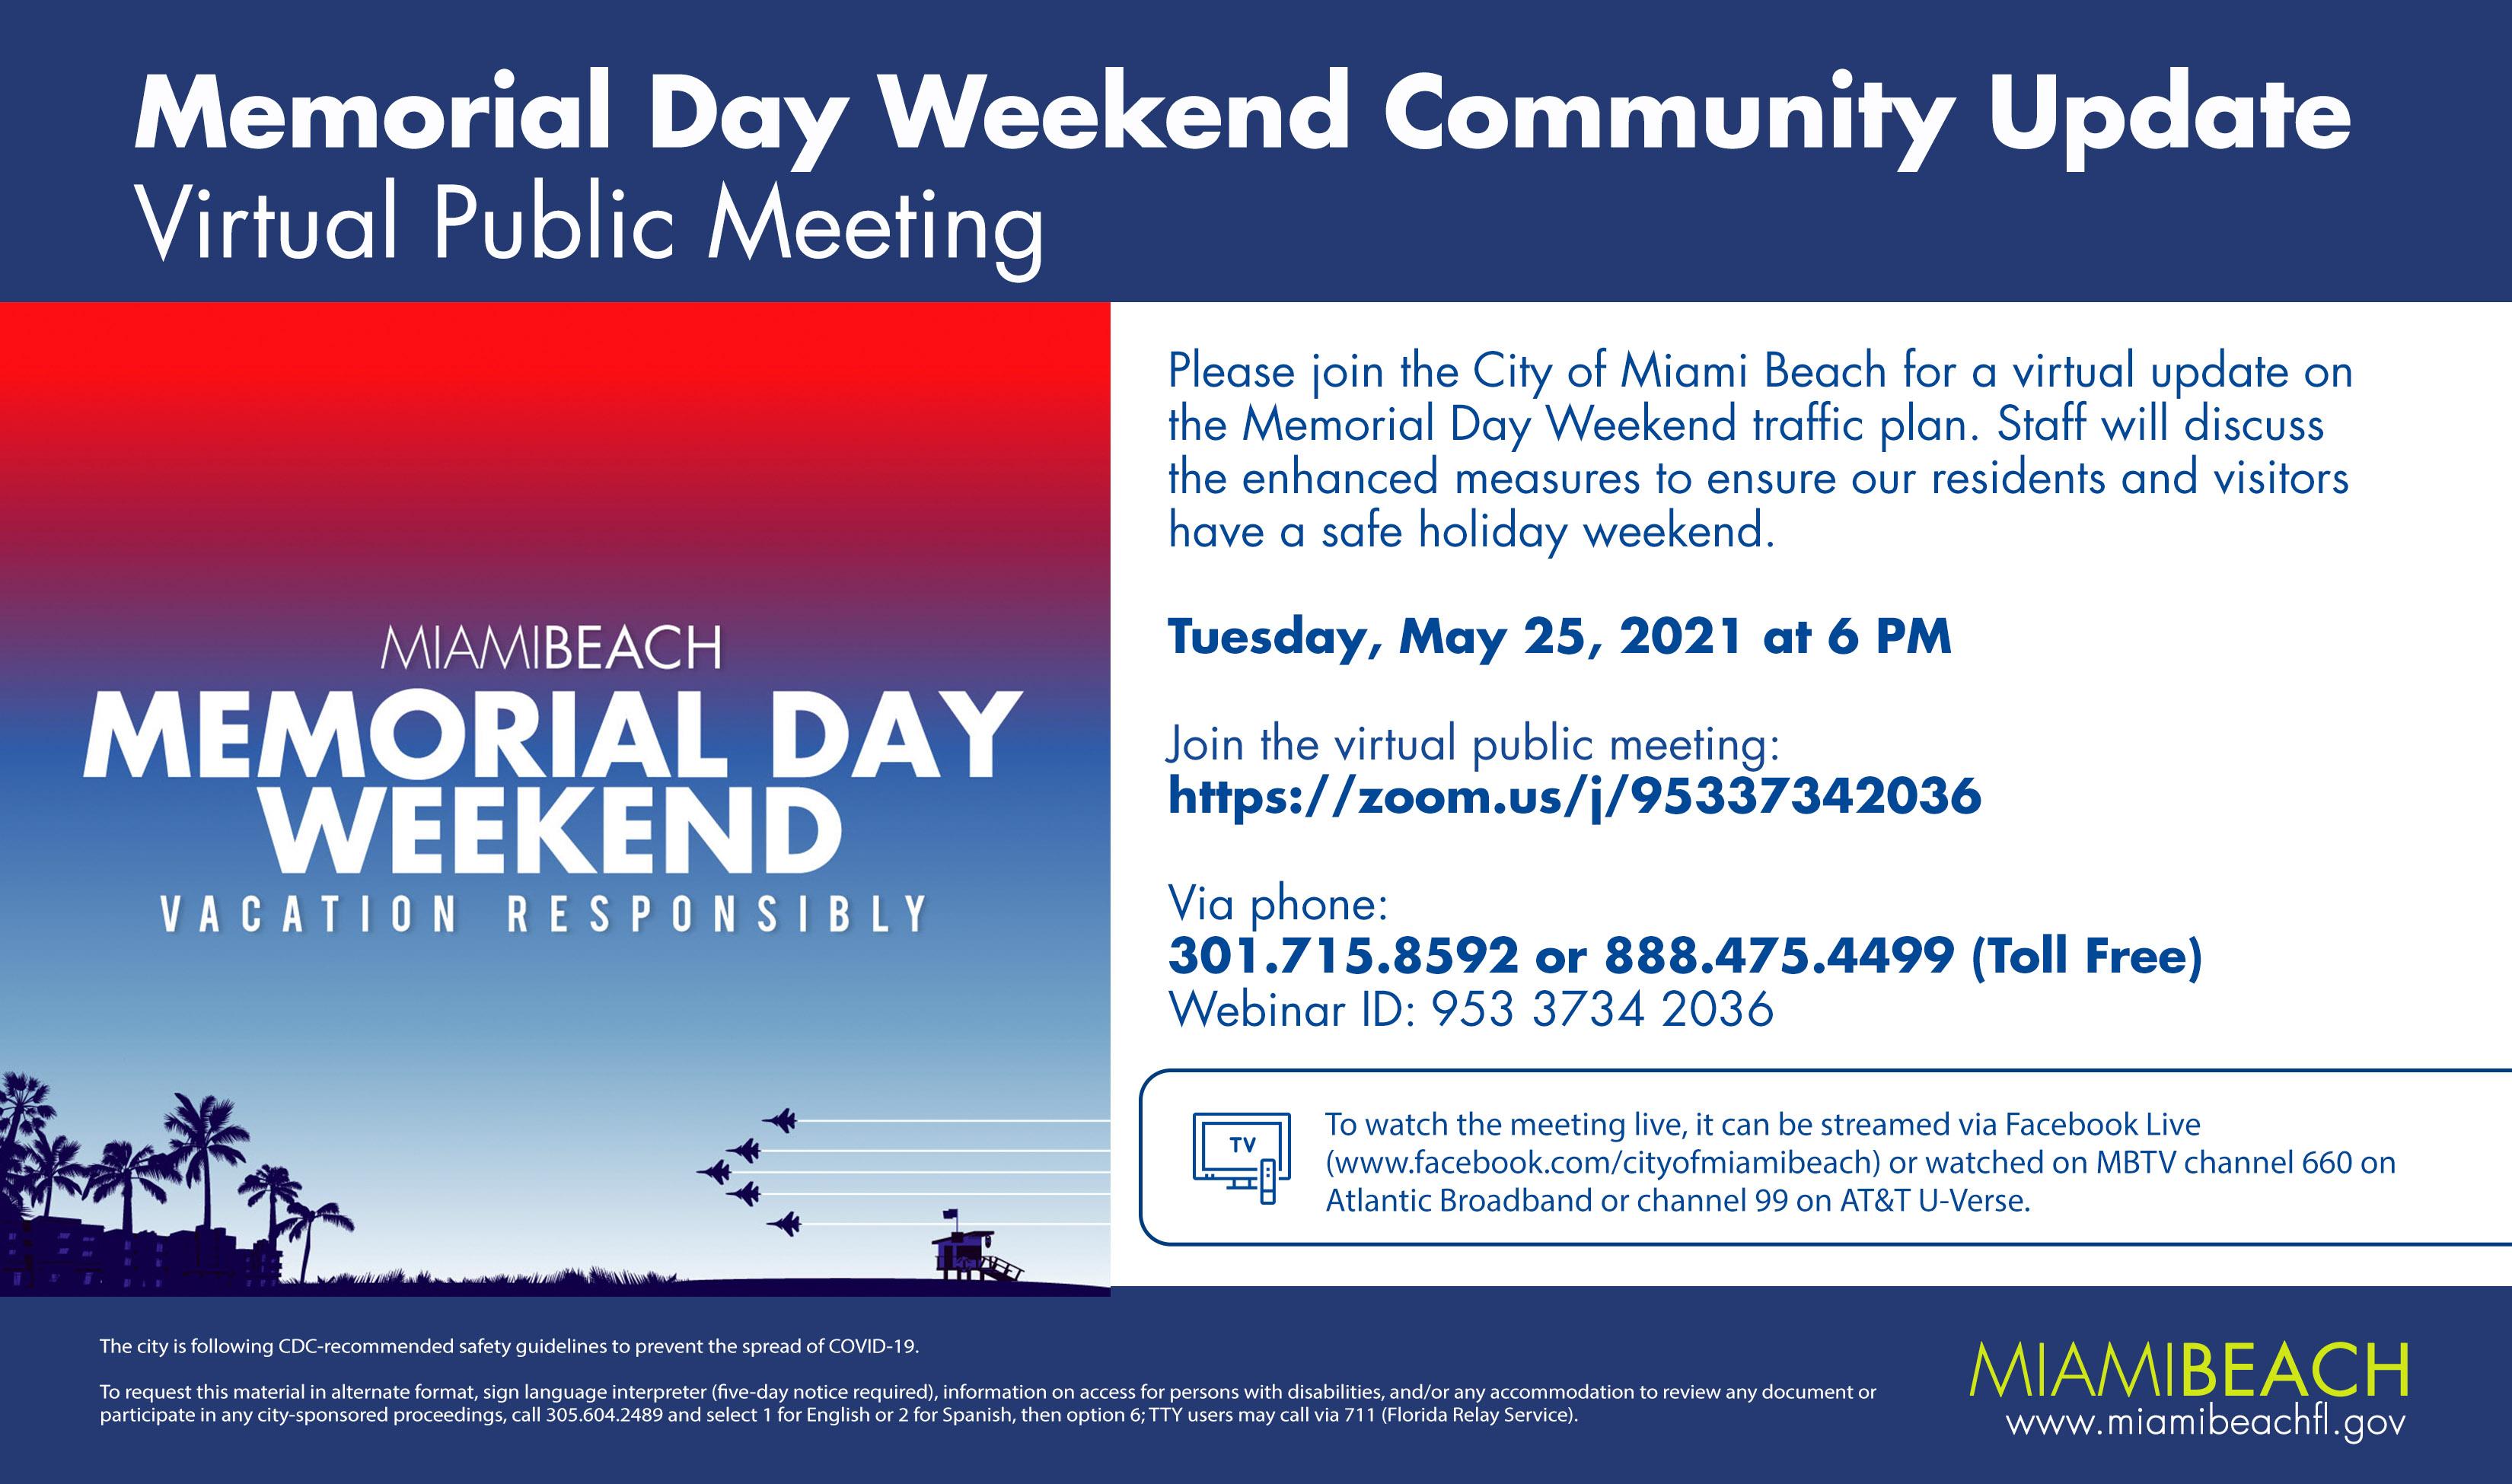 MBPD Memorial Day Weekend Community Update Virtual Public Meeting